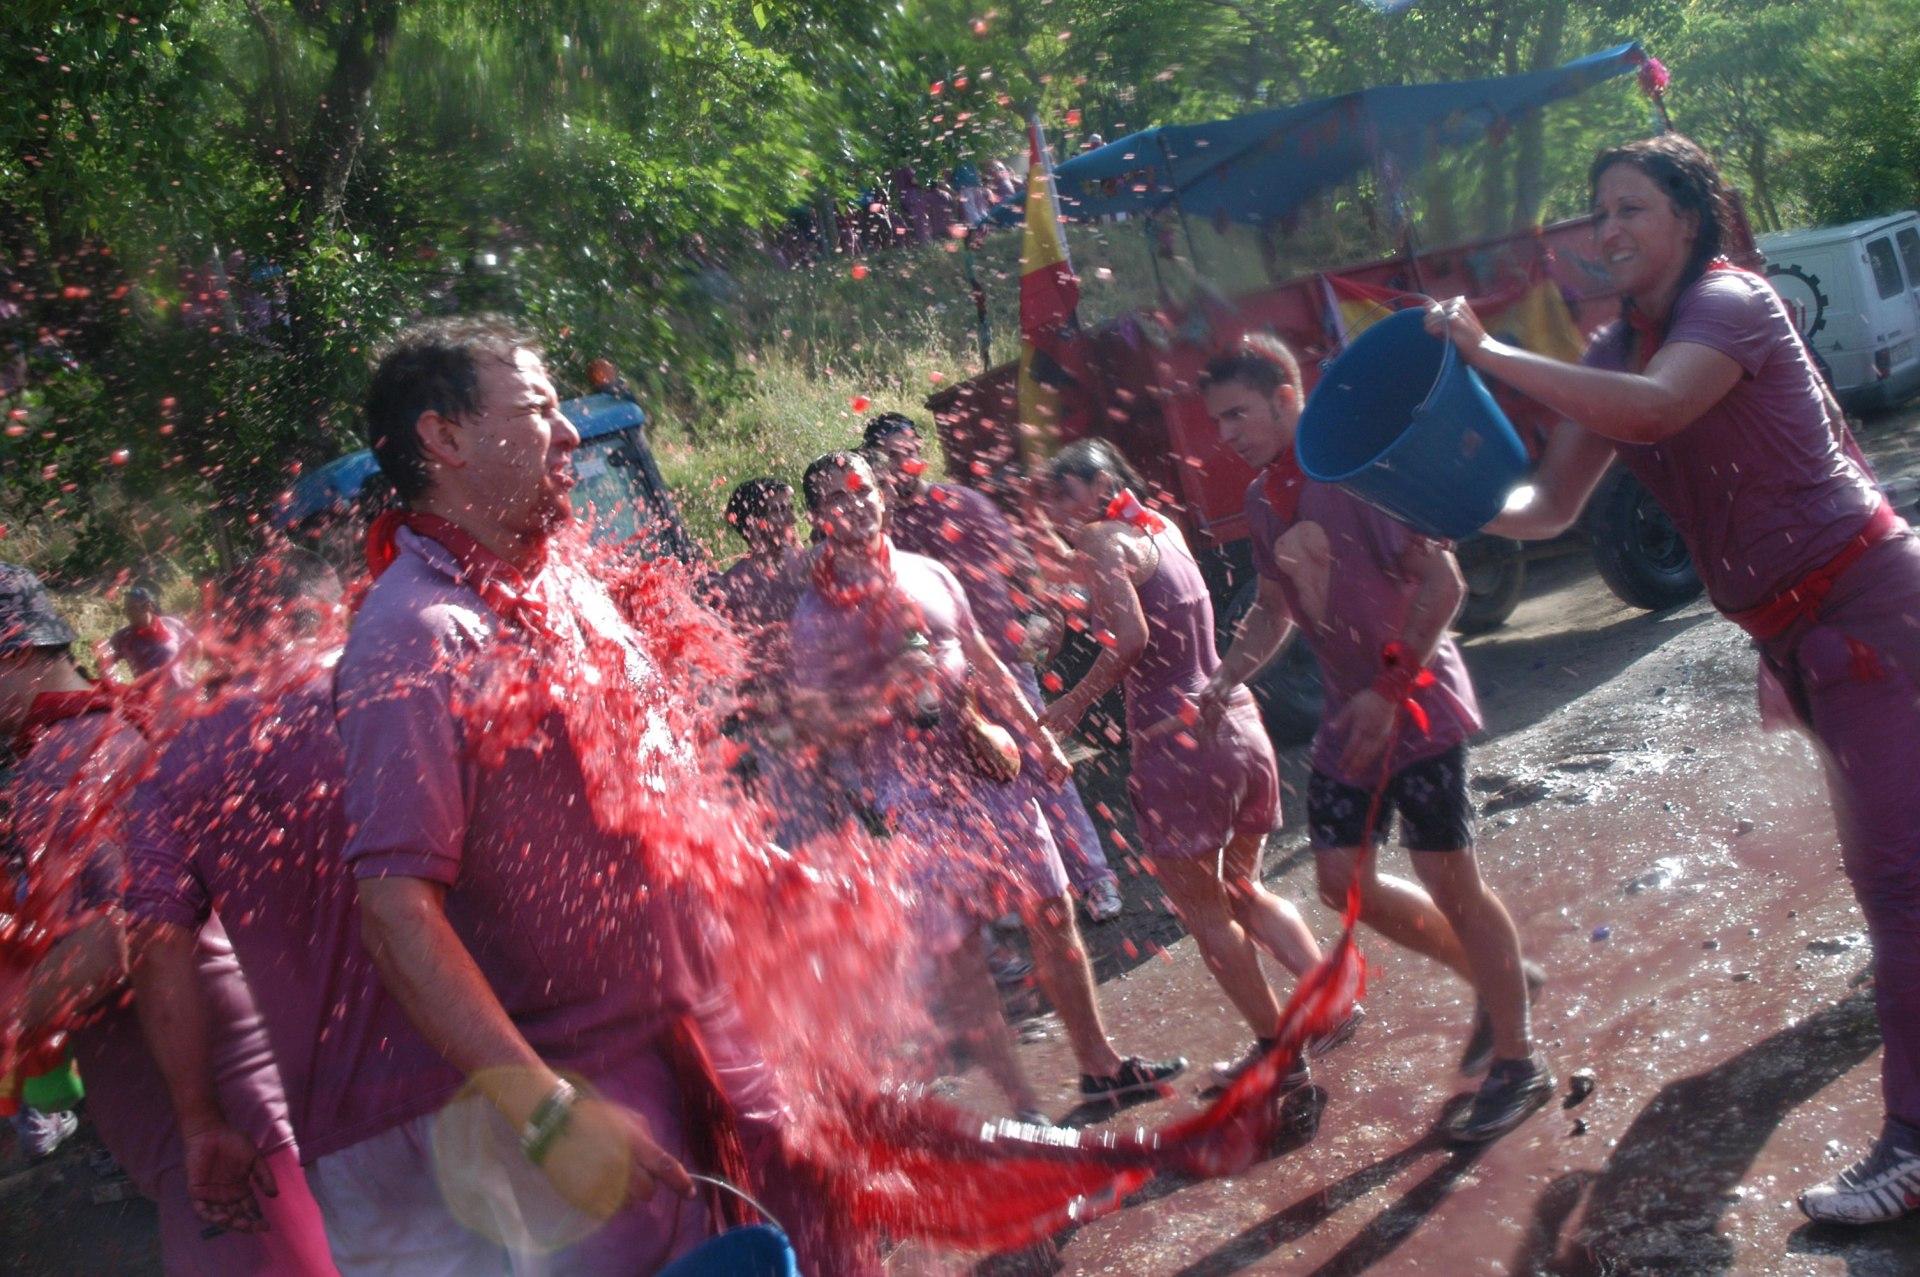 Fiestas de los pueblos: batalla del vino en haro